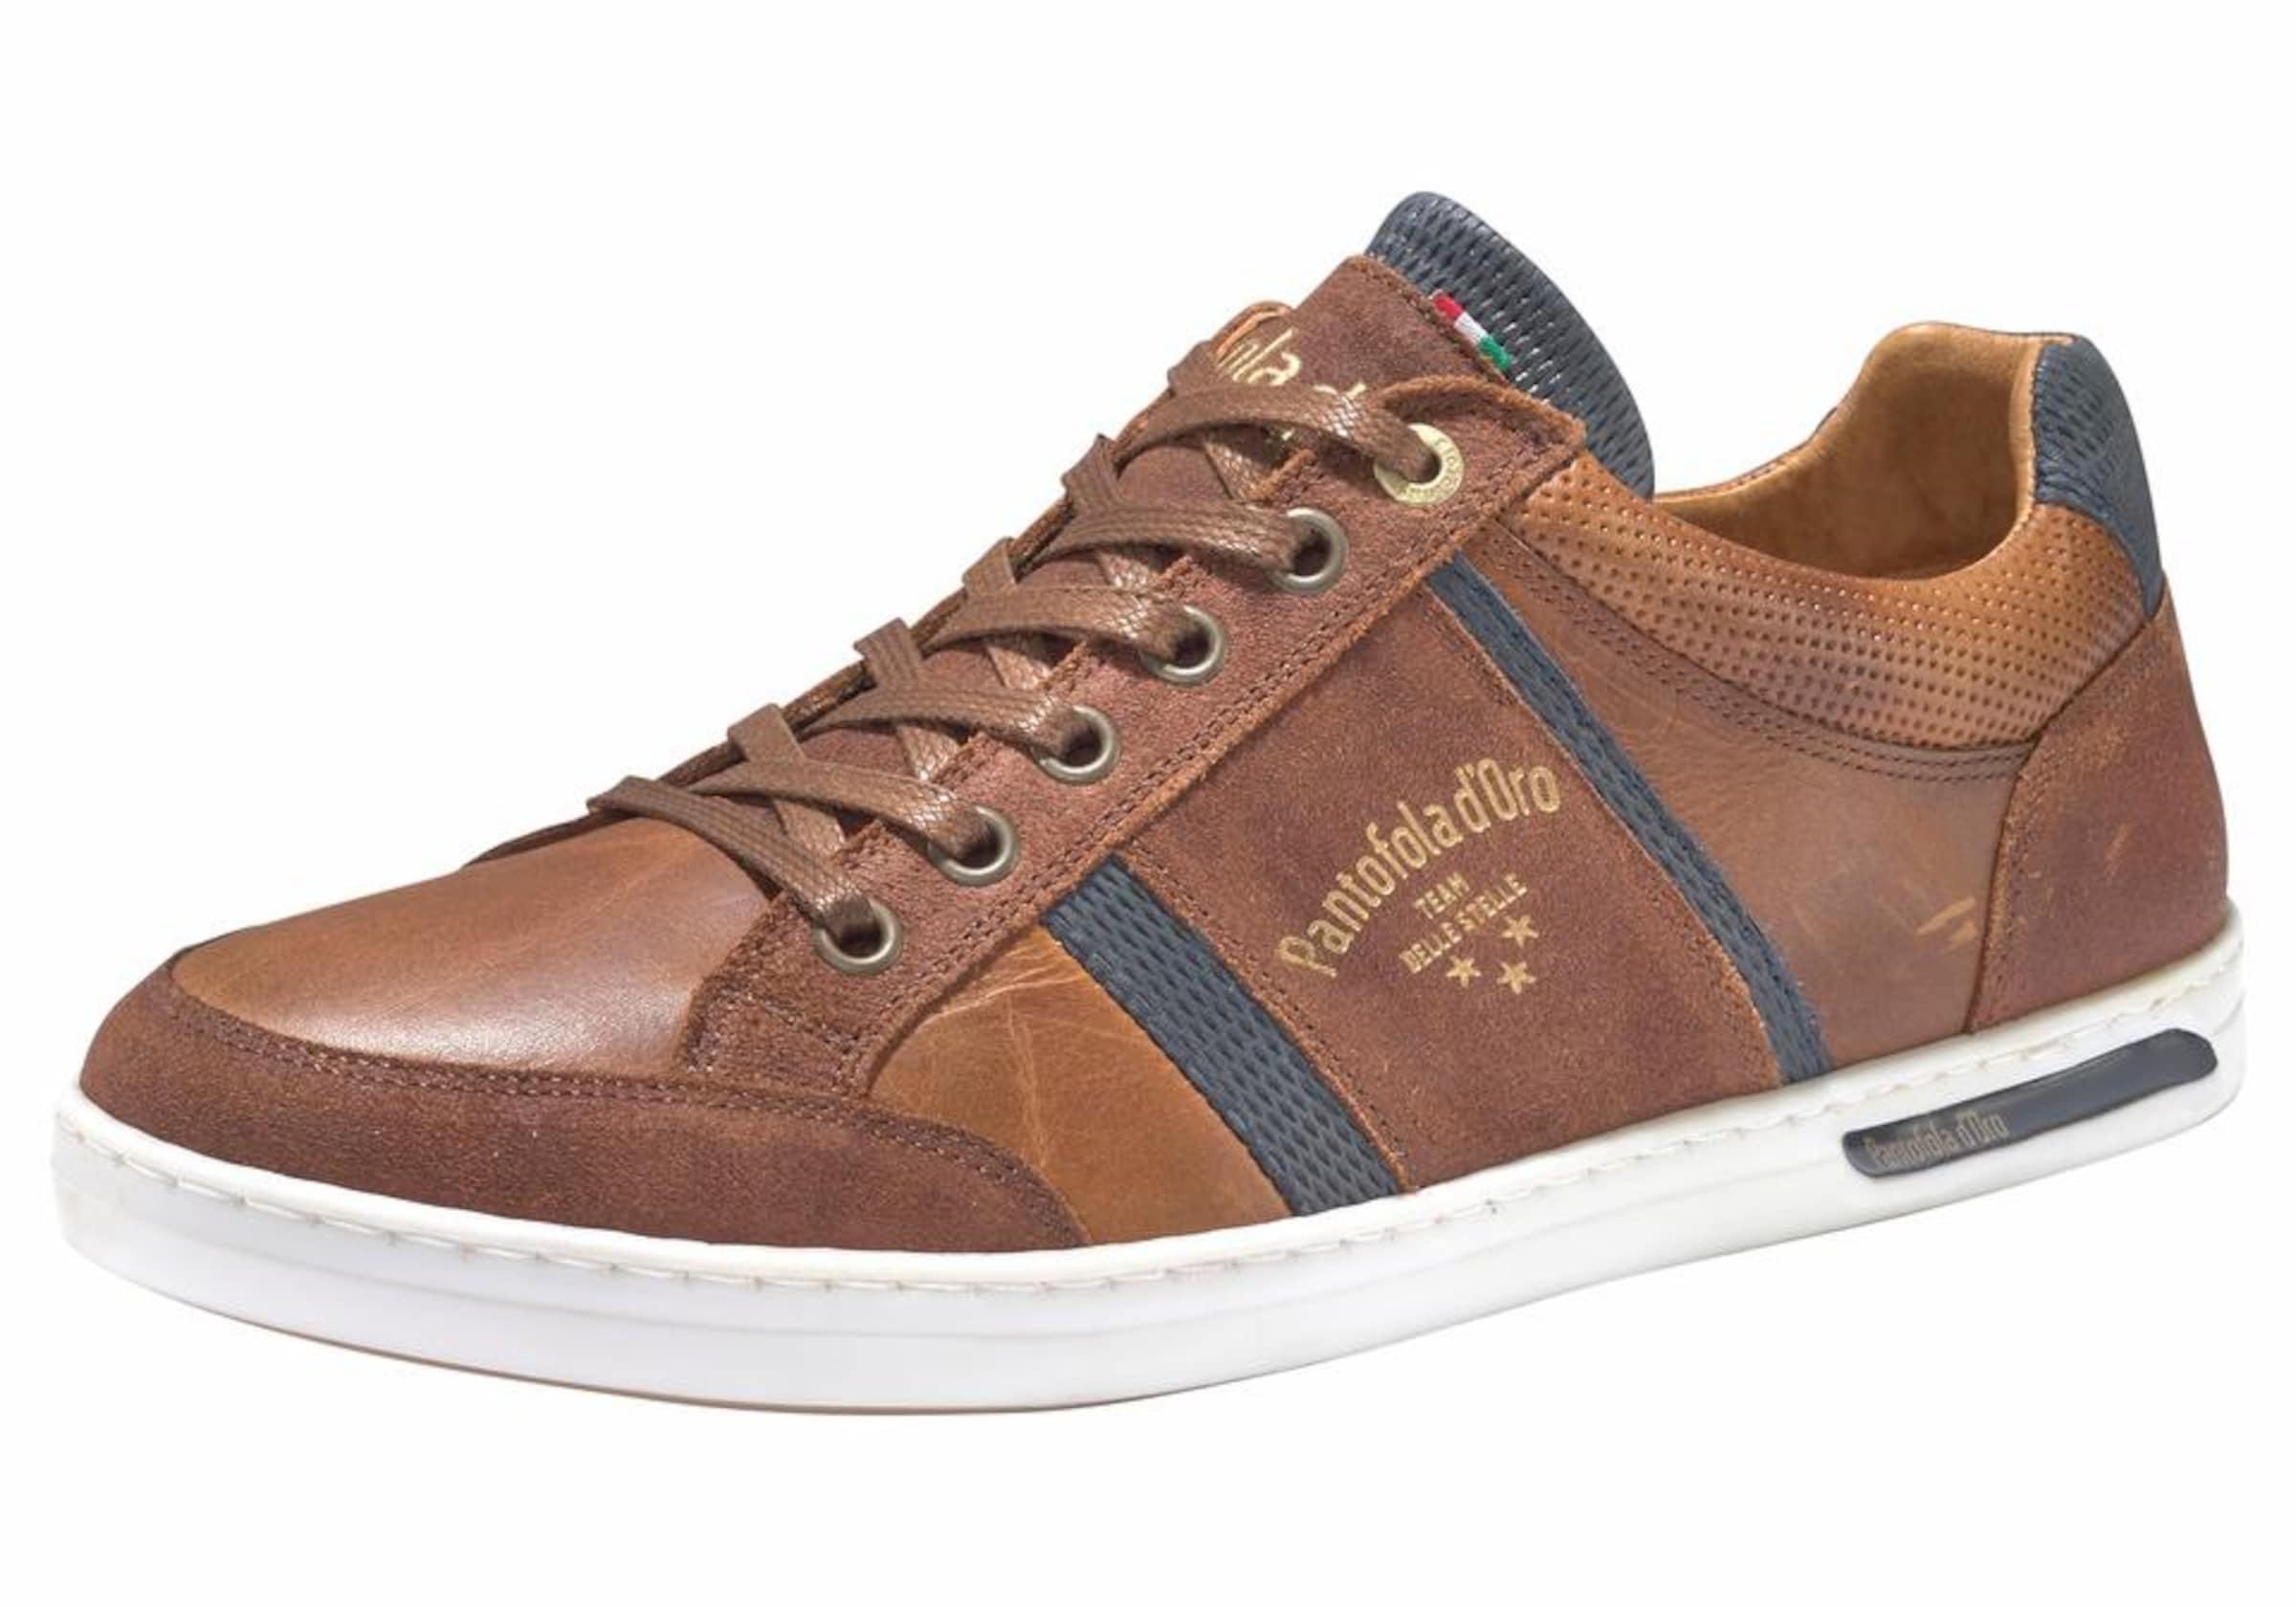 PANTOFOLA ORO D ORO PANTOFOLA Sneaker Mondovi Uomo Low a2107d